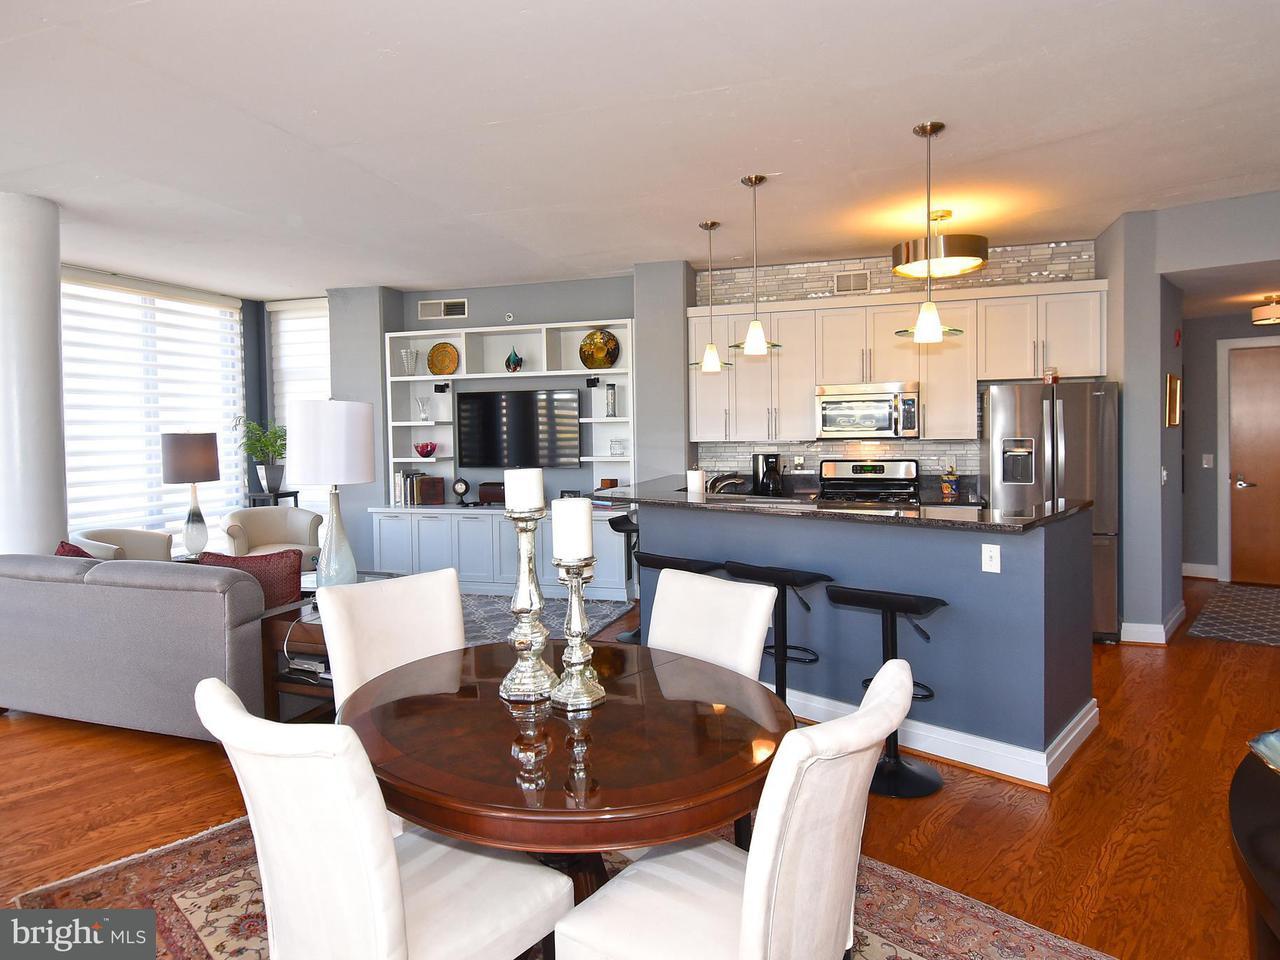 Additional photo for property listing at 2120 Vermont Ave Nw #206 2120 Vermont Ave Nw #206 Washington, Distrito De Columbia 20001 Estados Unidos